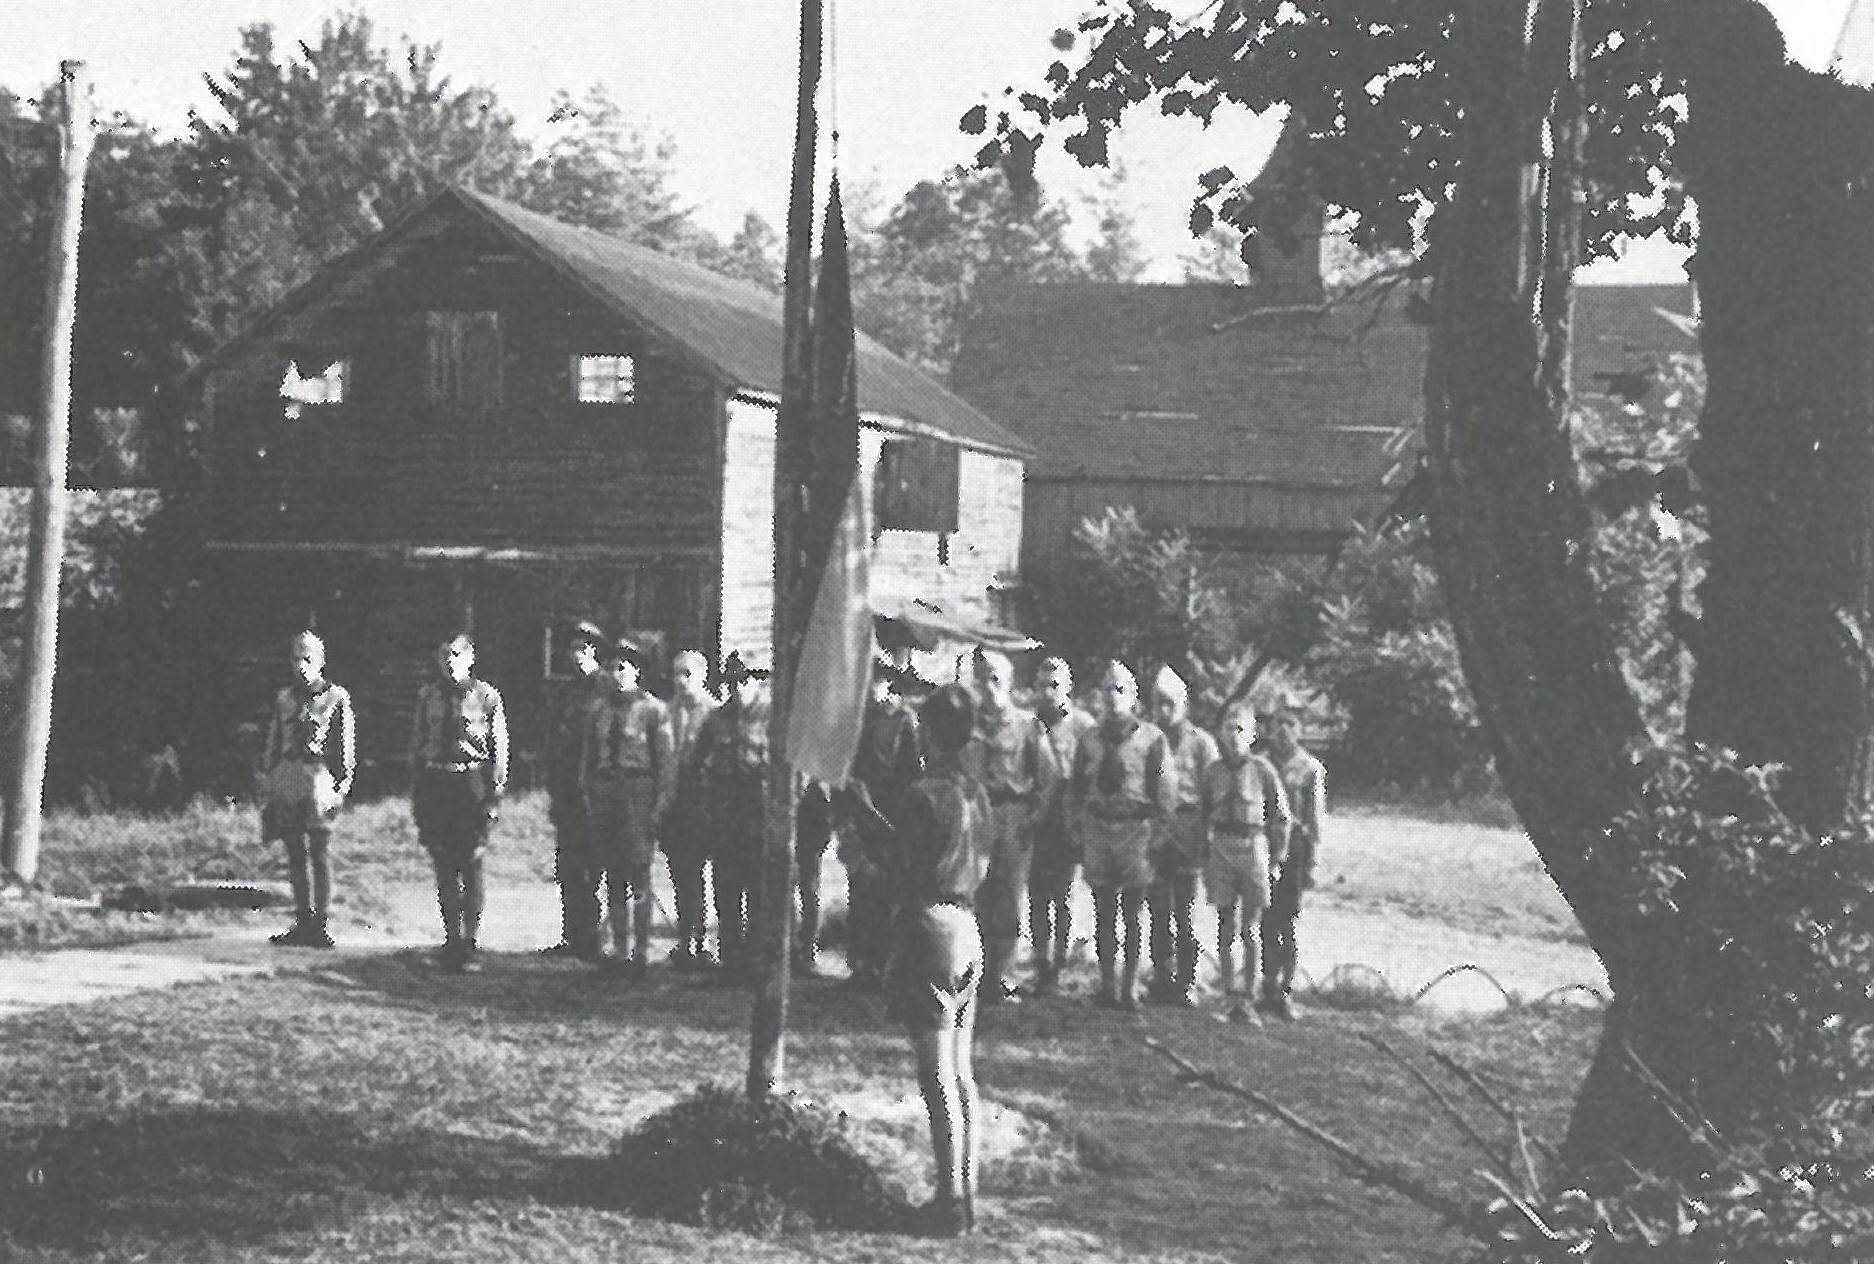 """Юнацький табір """"Мала береза"""", 1951 р., Наррозбург, Ню Йорк"""